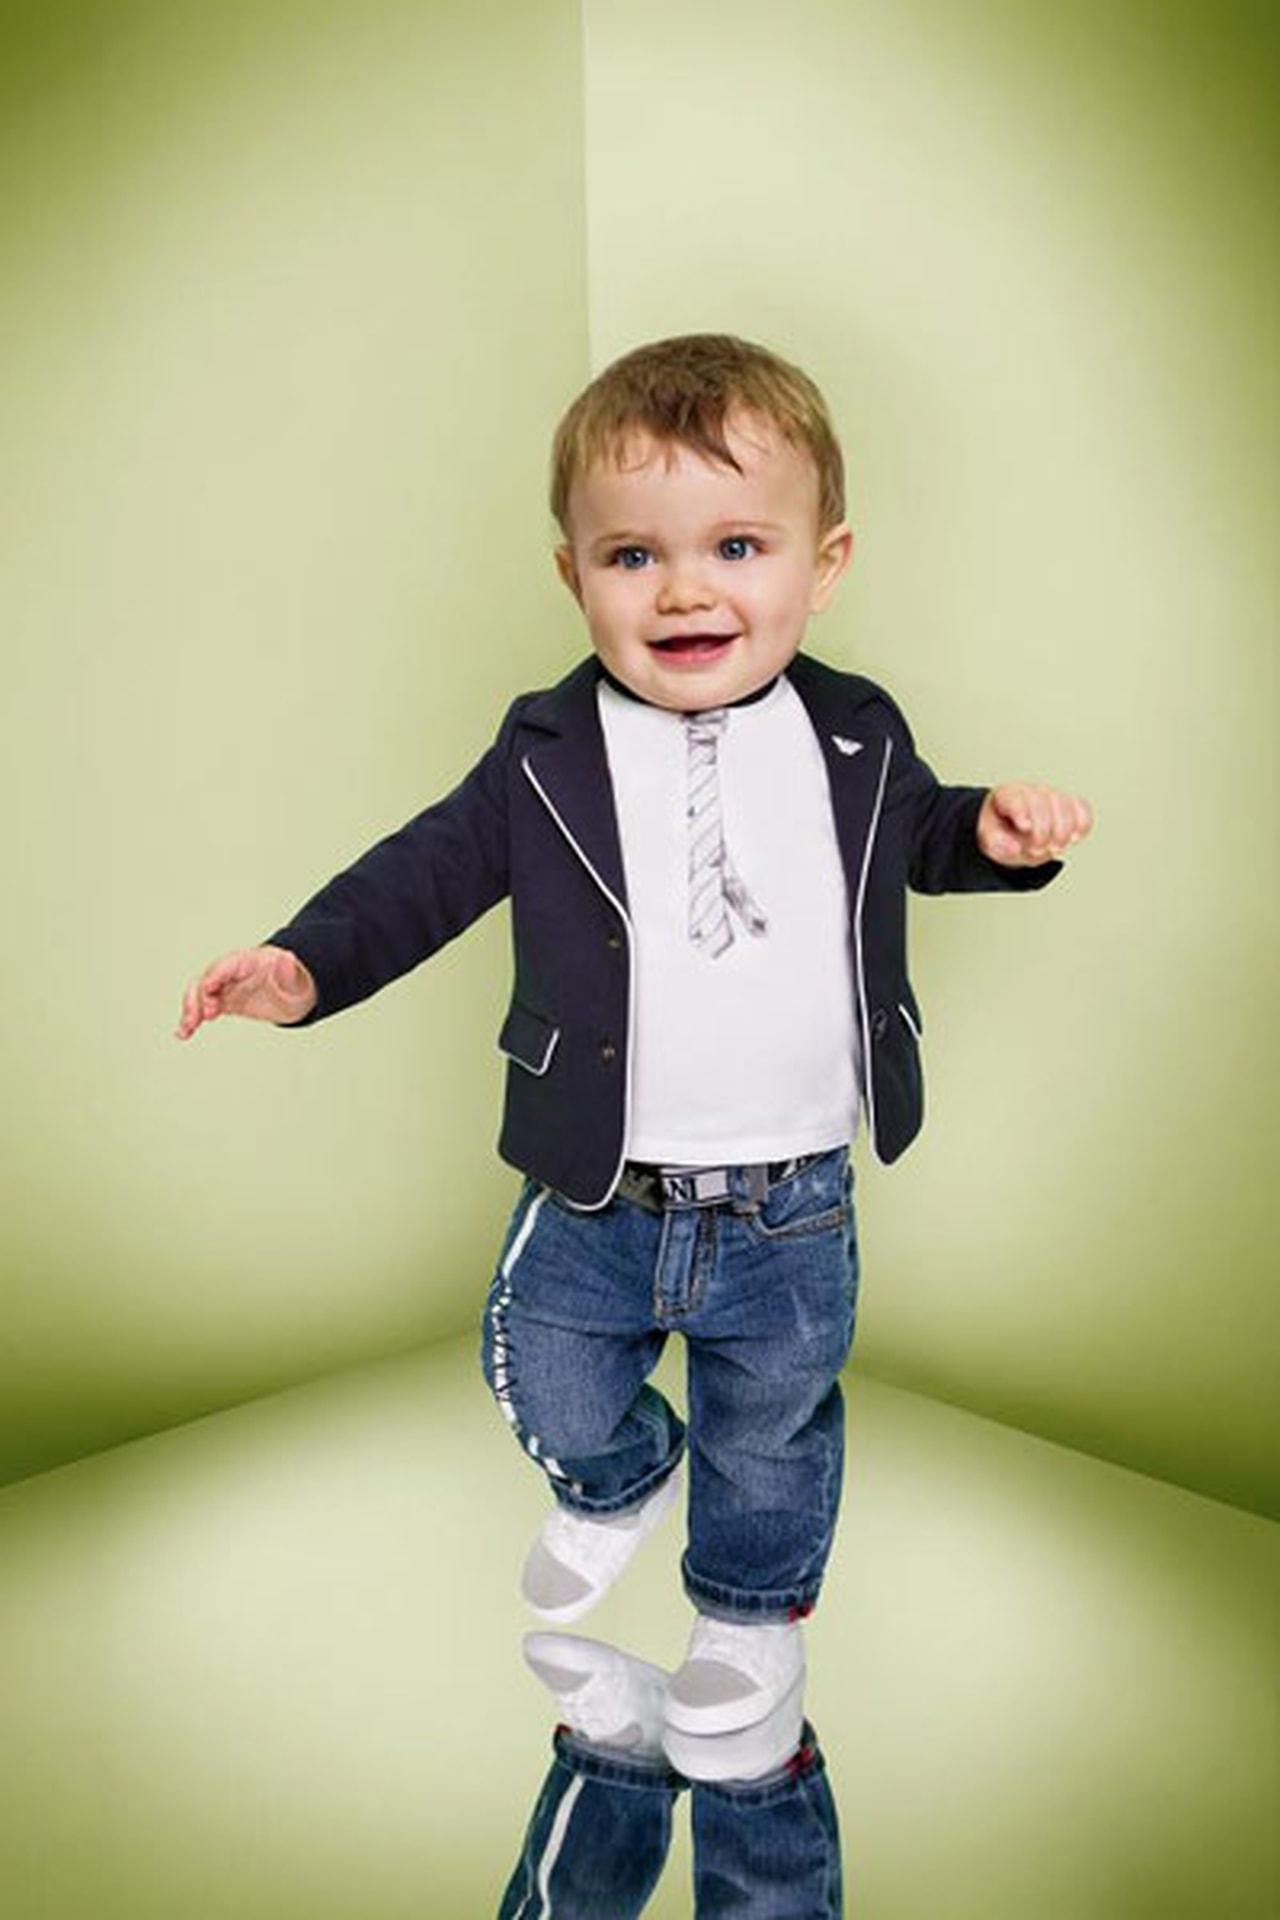 da8d492fc صور لبس , ملابس اولاد اطفال - عيون الرومانسية